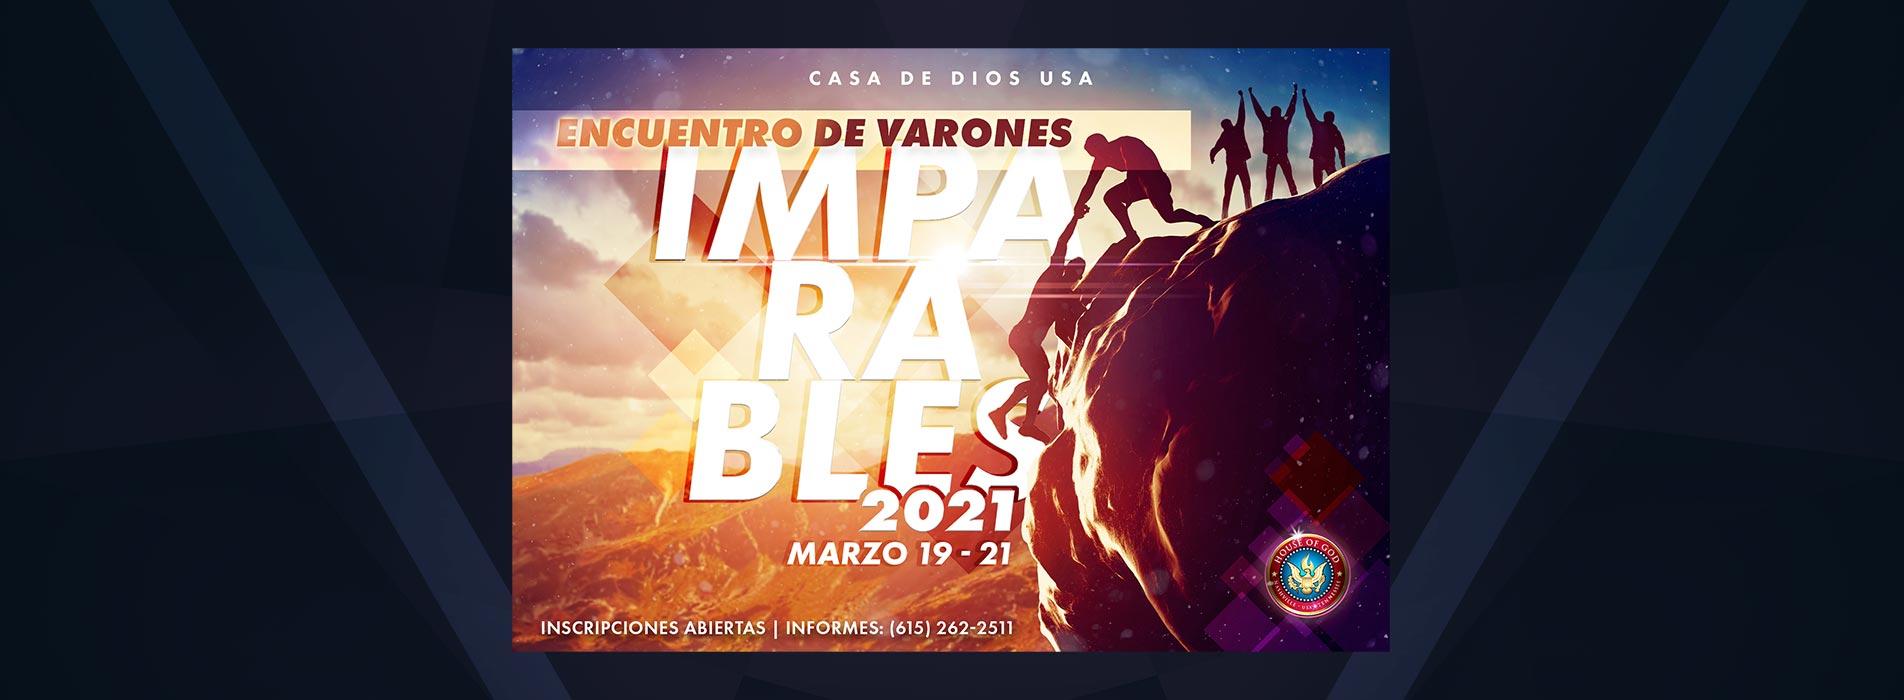 Slider-Encuentro-de-Varones-2021